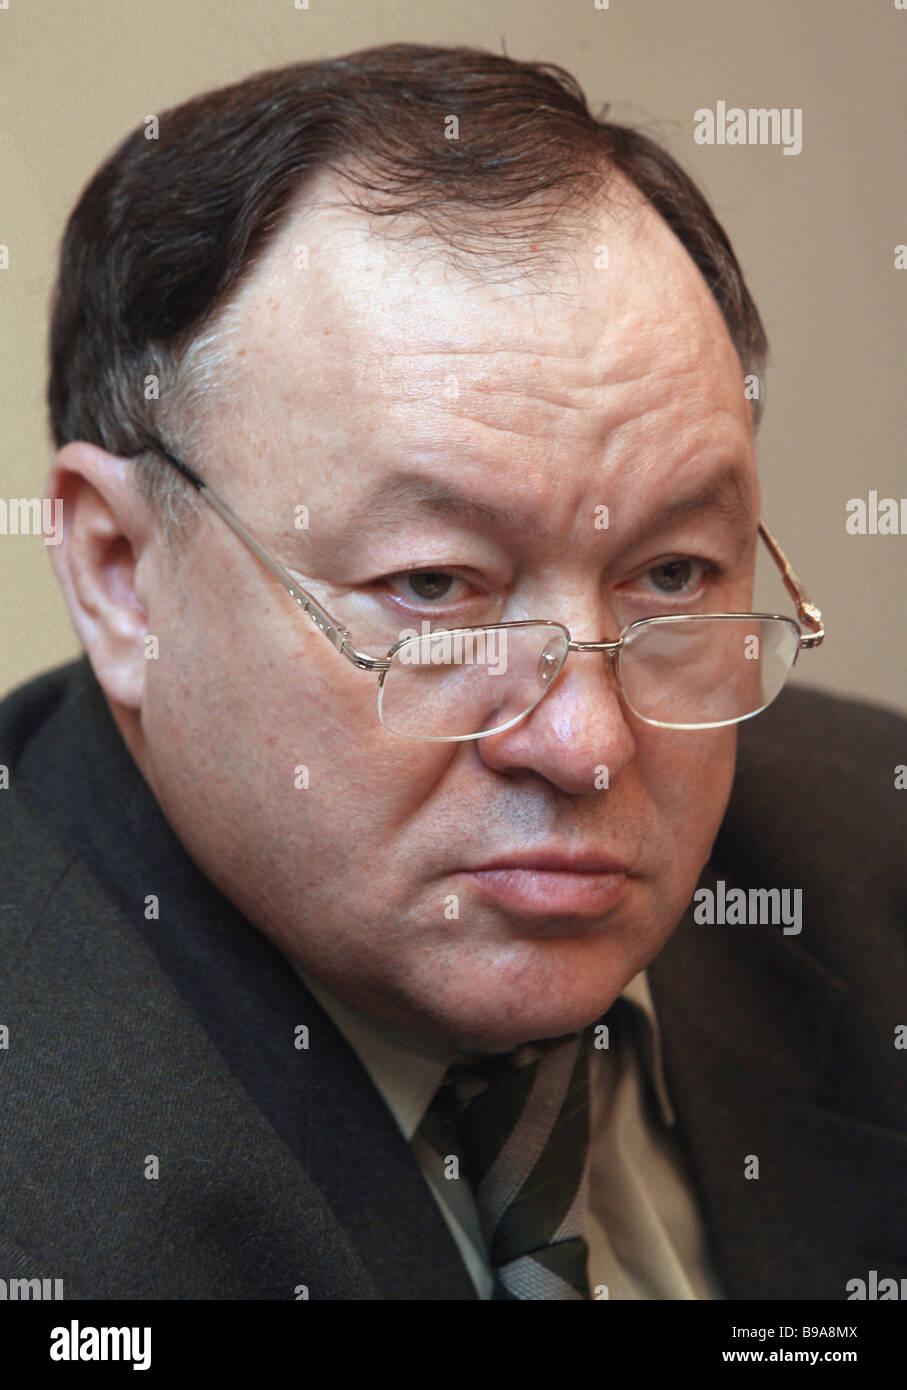 Alexander Oskin Impreso, Presidente de la junta de la Asociación de Distribuidores Foto de stock